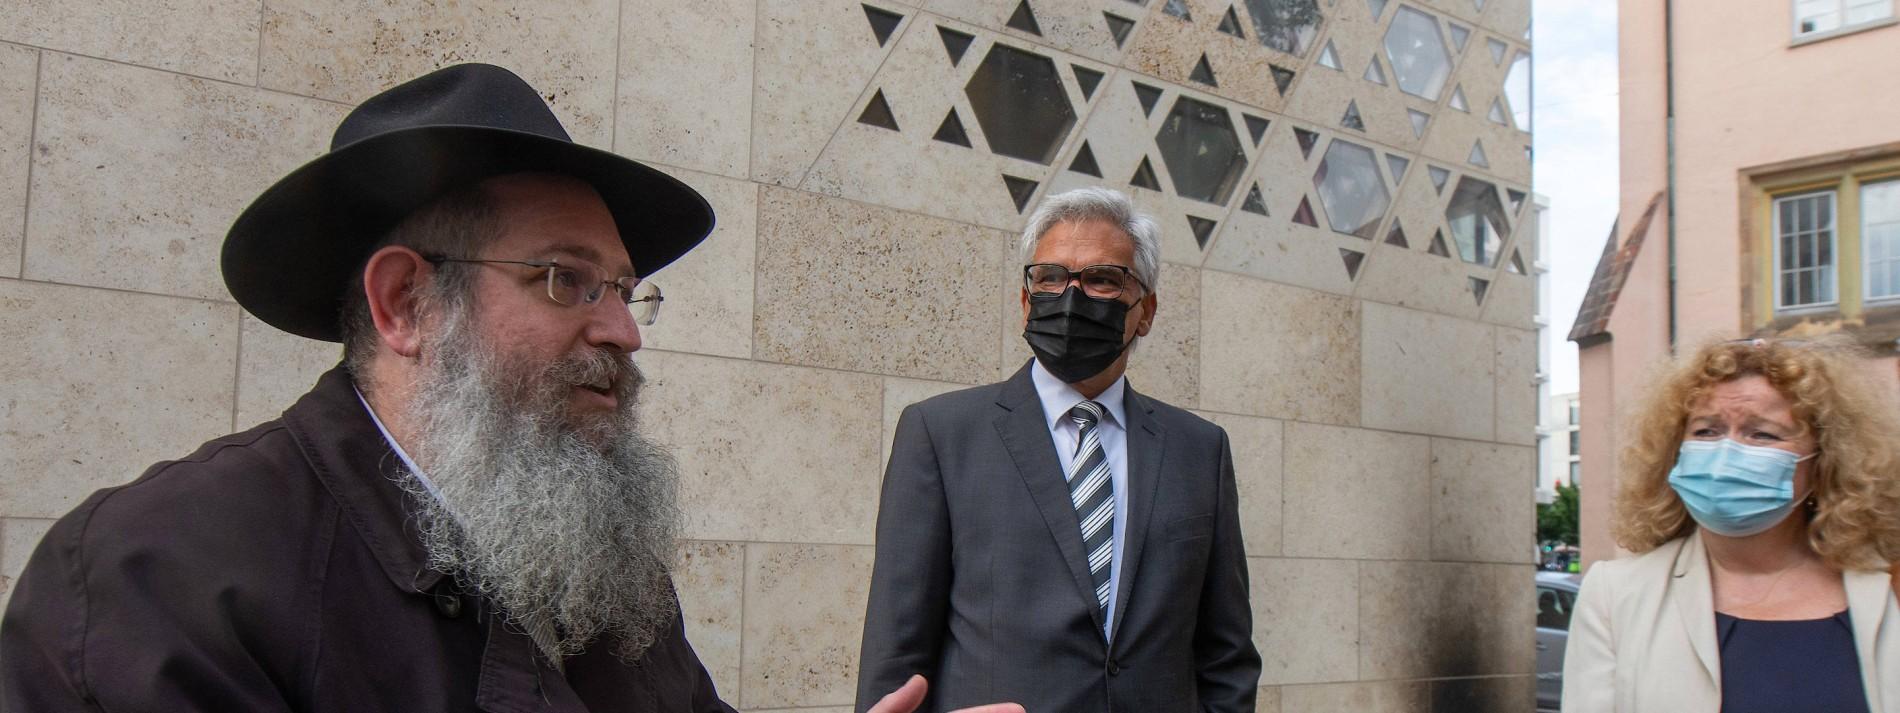 """Kretschmann verurteilt """"niederträchtigen Anschlag"""" auf Synagoge in Ulm"""